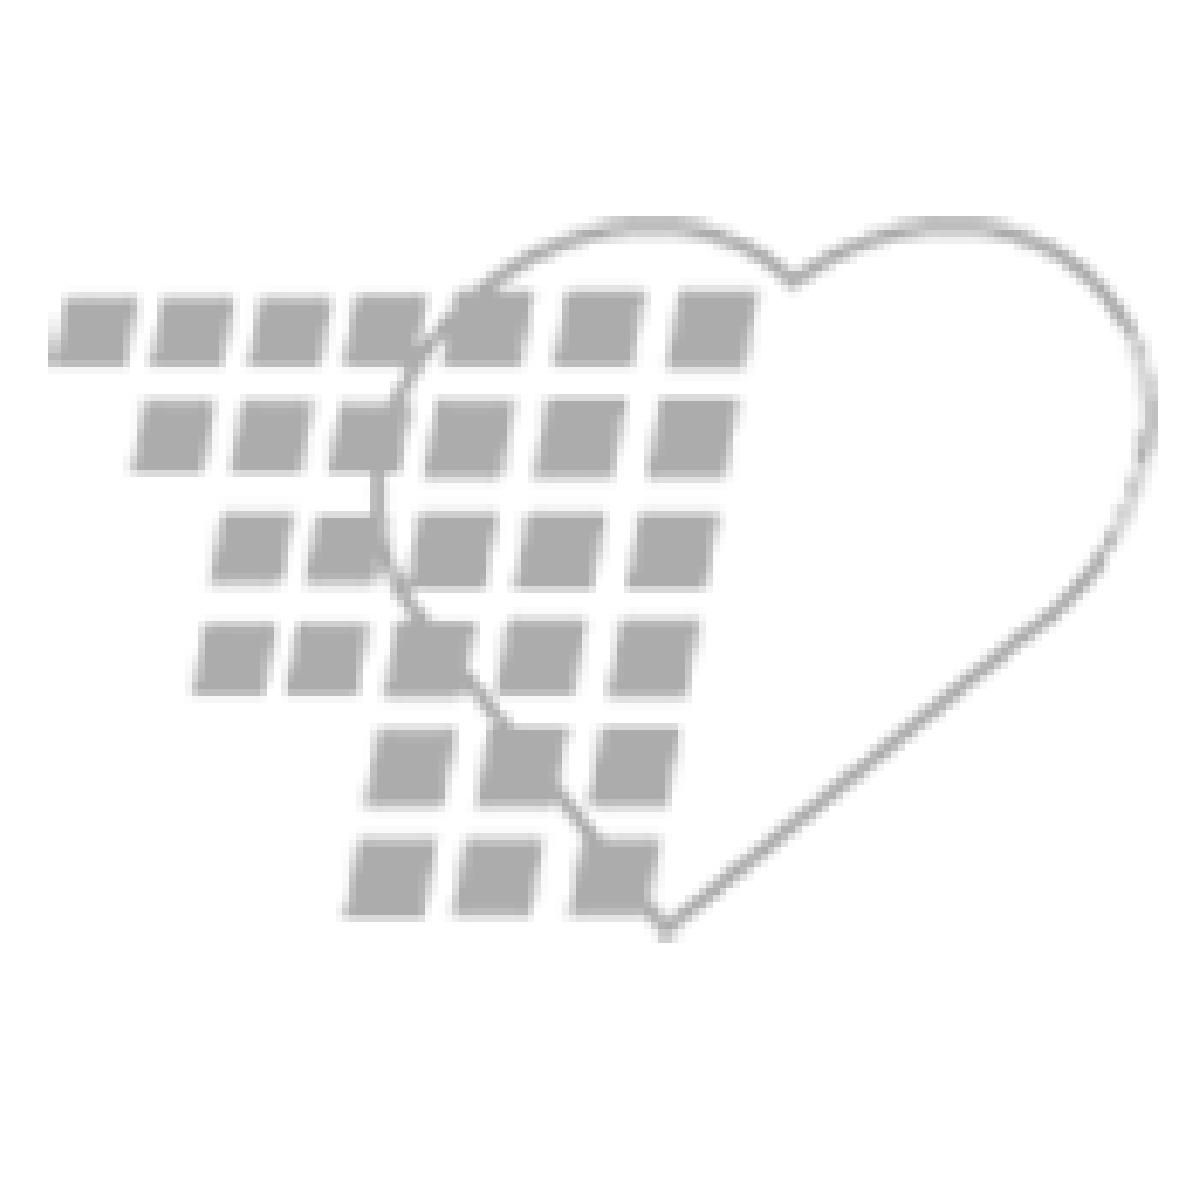 06-93-0083 - Demo Dose® Lanoxn 0.125 mg - 1000 Pills/Jar